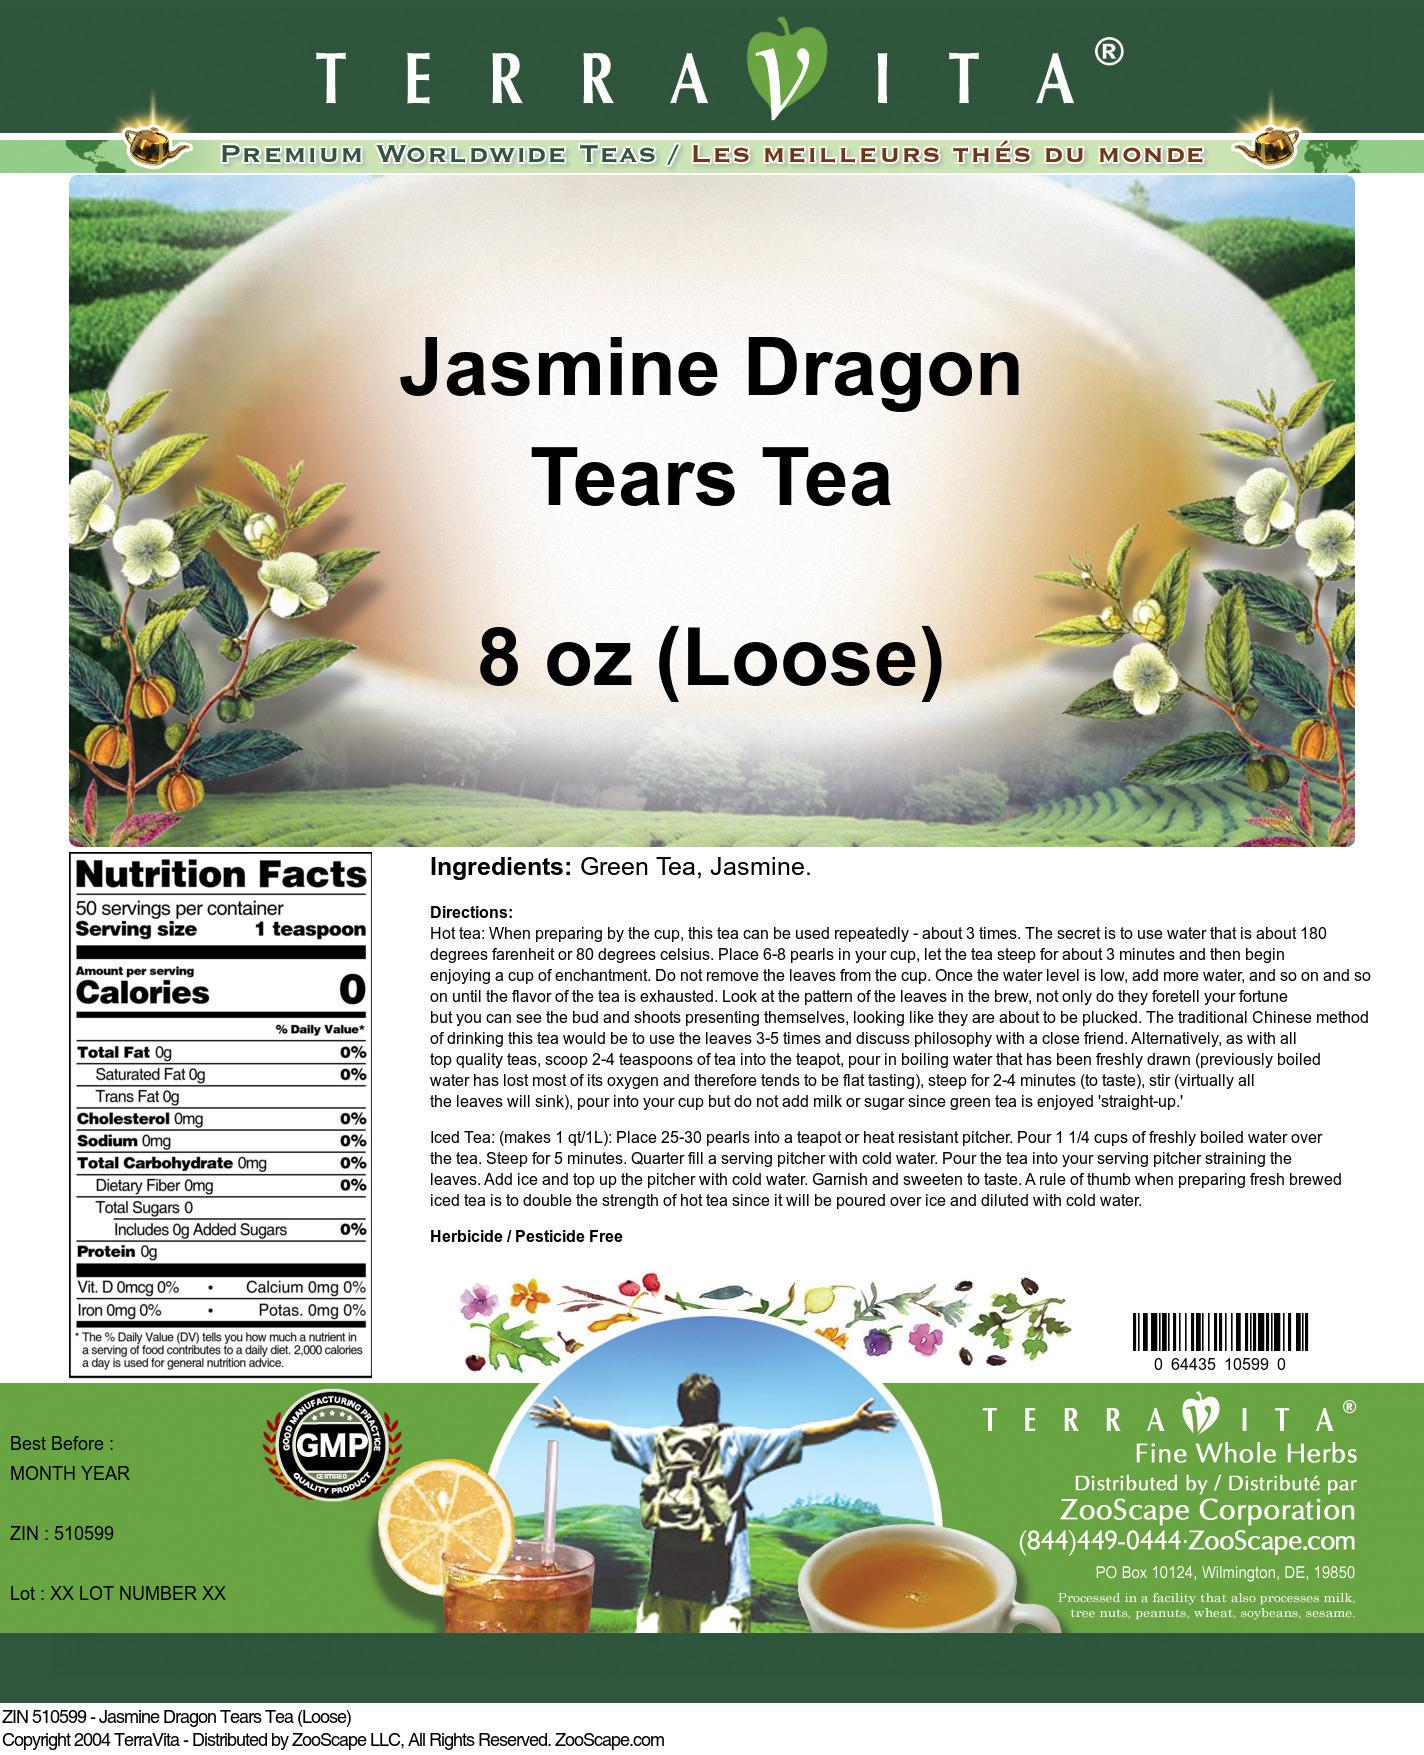 Jasmine Dragon Tears Tea (Loose)